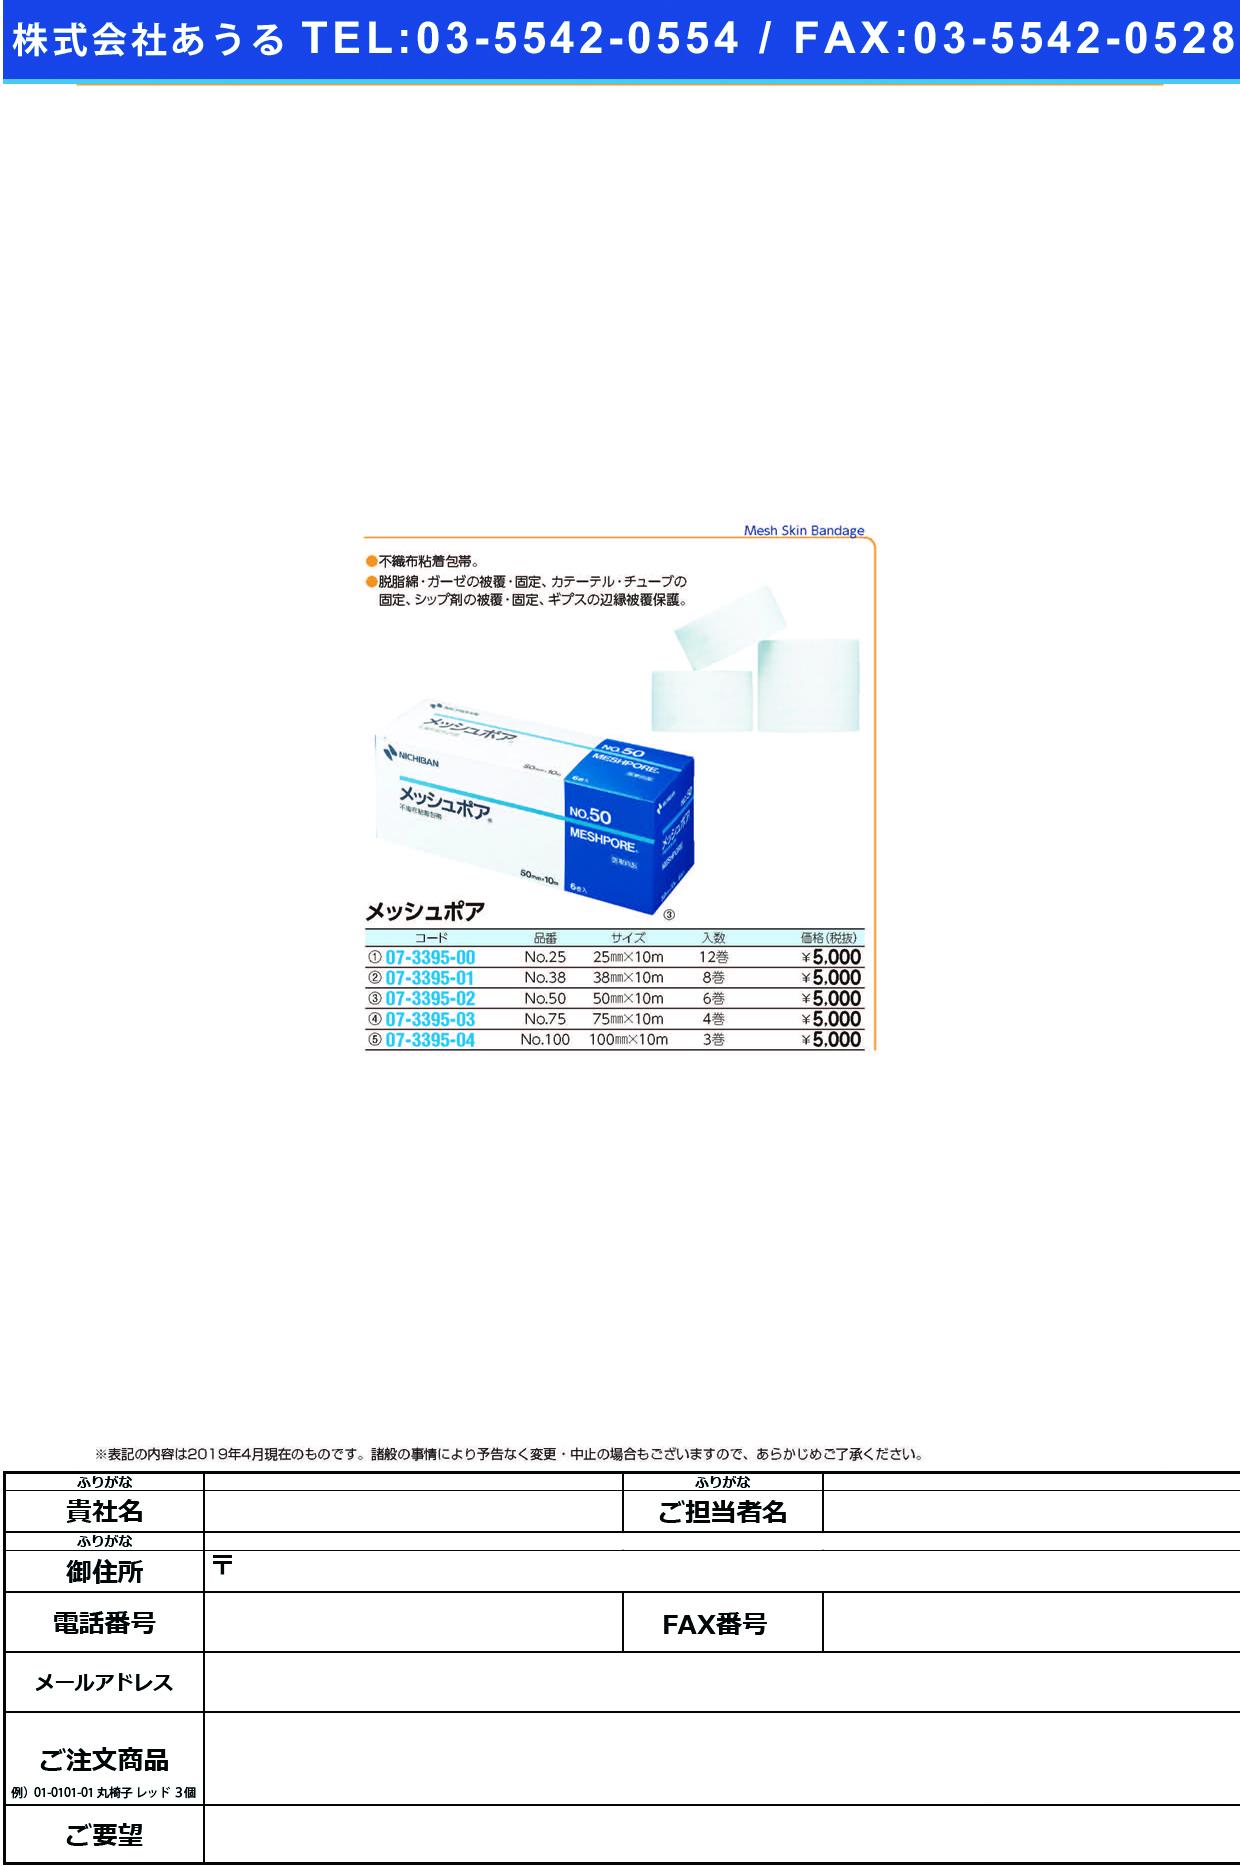 (07-3395-04)メッシュポアNo.100 MSP100(100MMX10M)3カン メッシュポア(ニチバン)【1箱単位】【2019年カタログ商品】